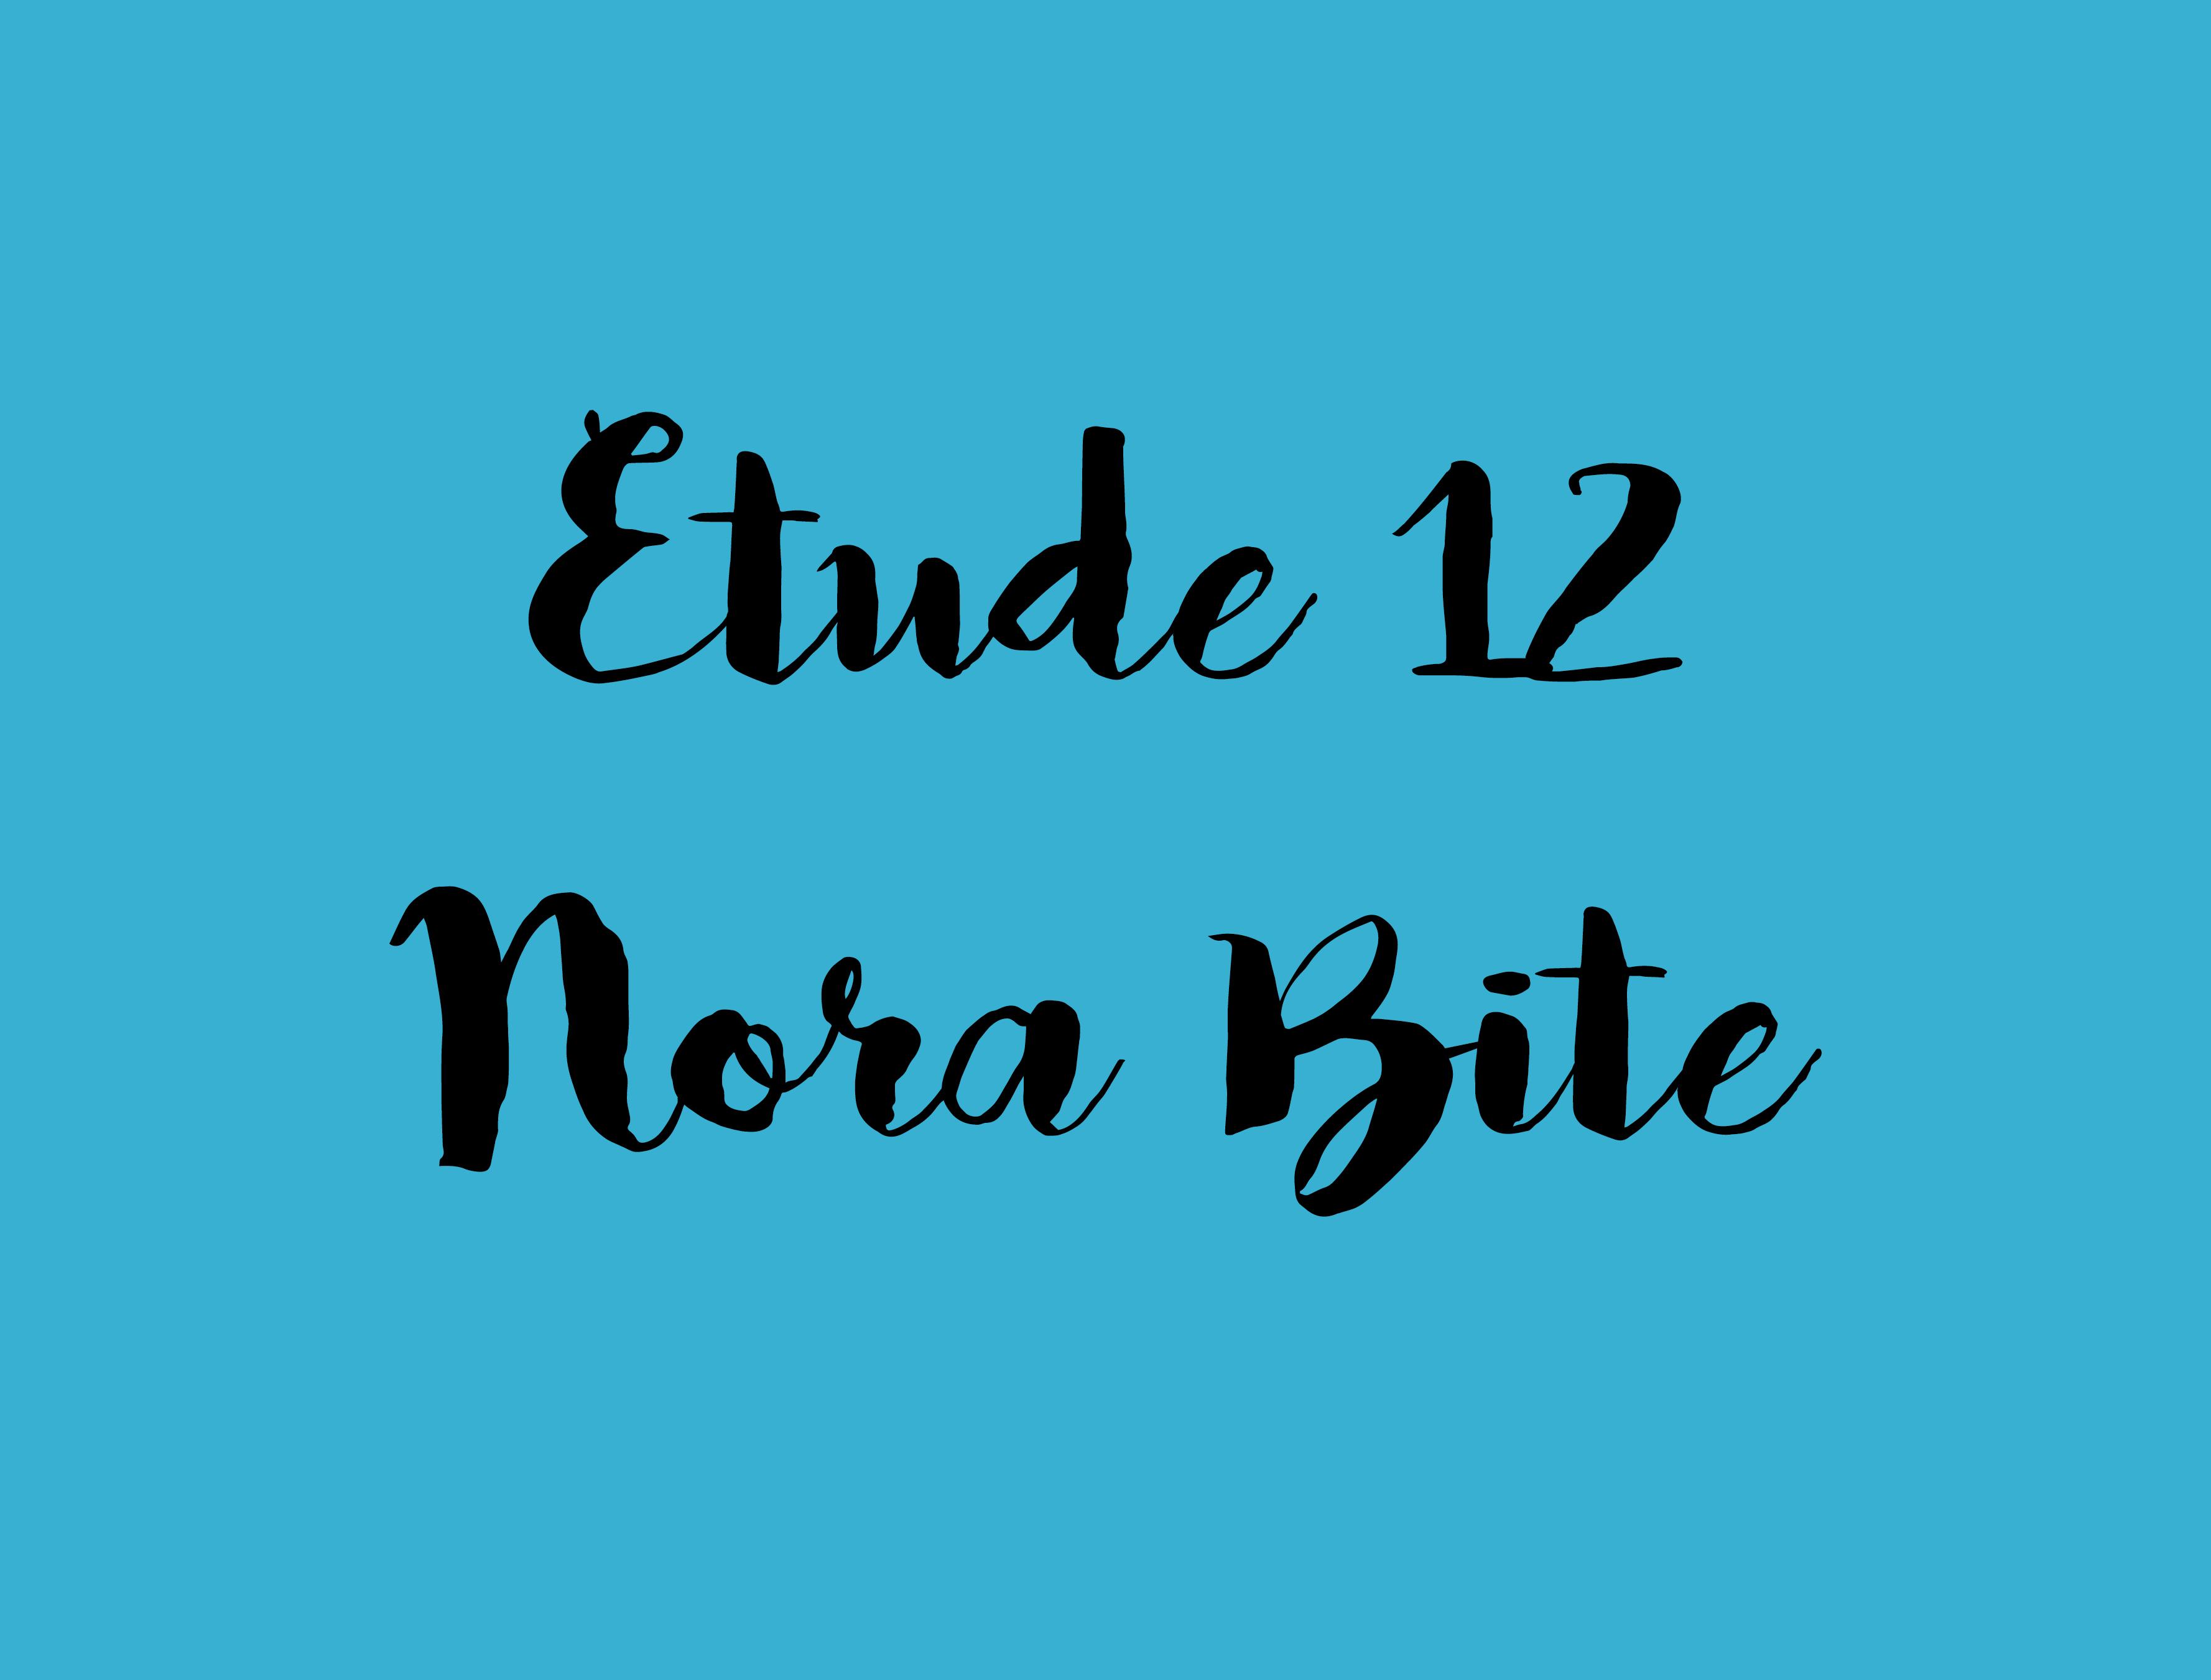 etude 12